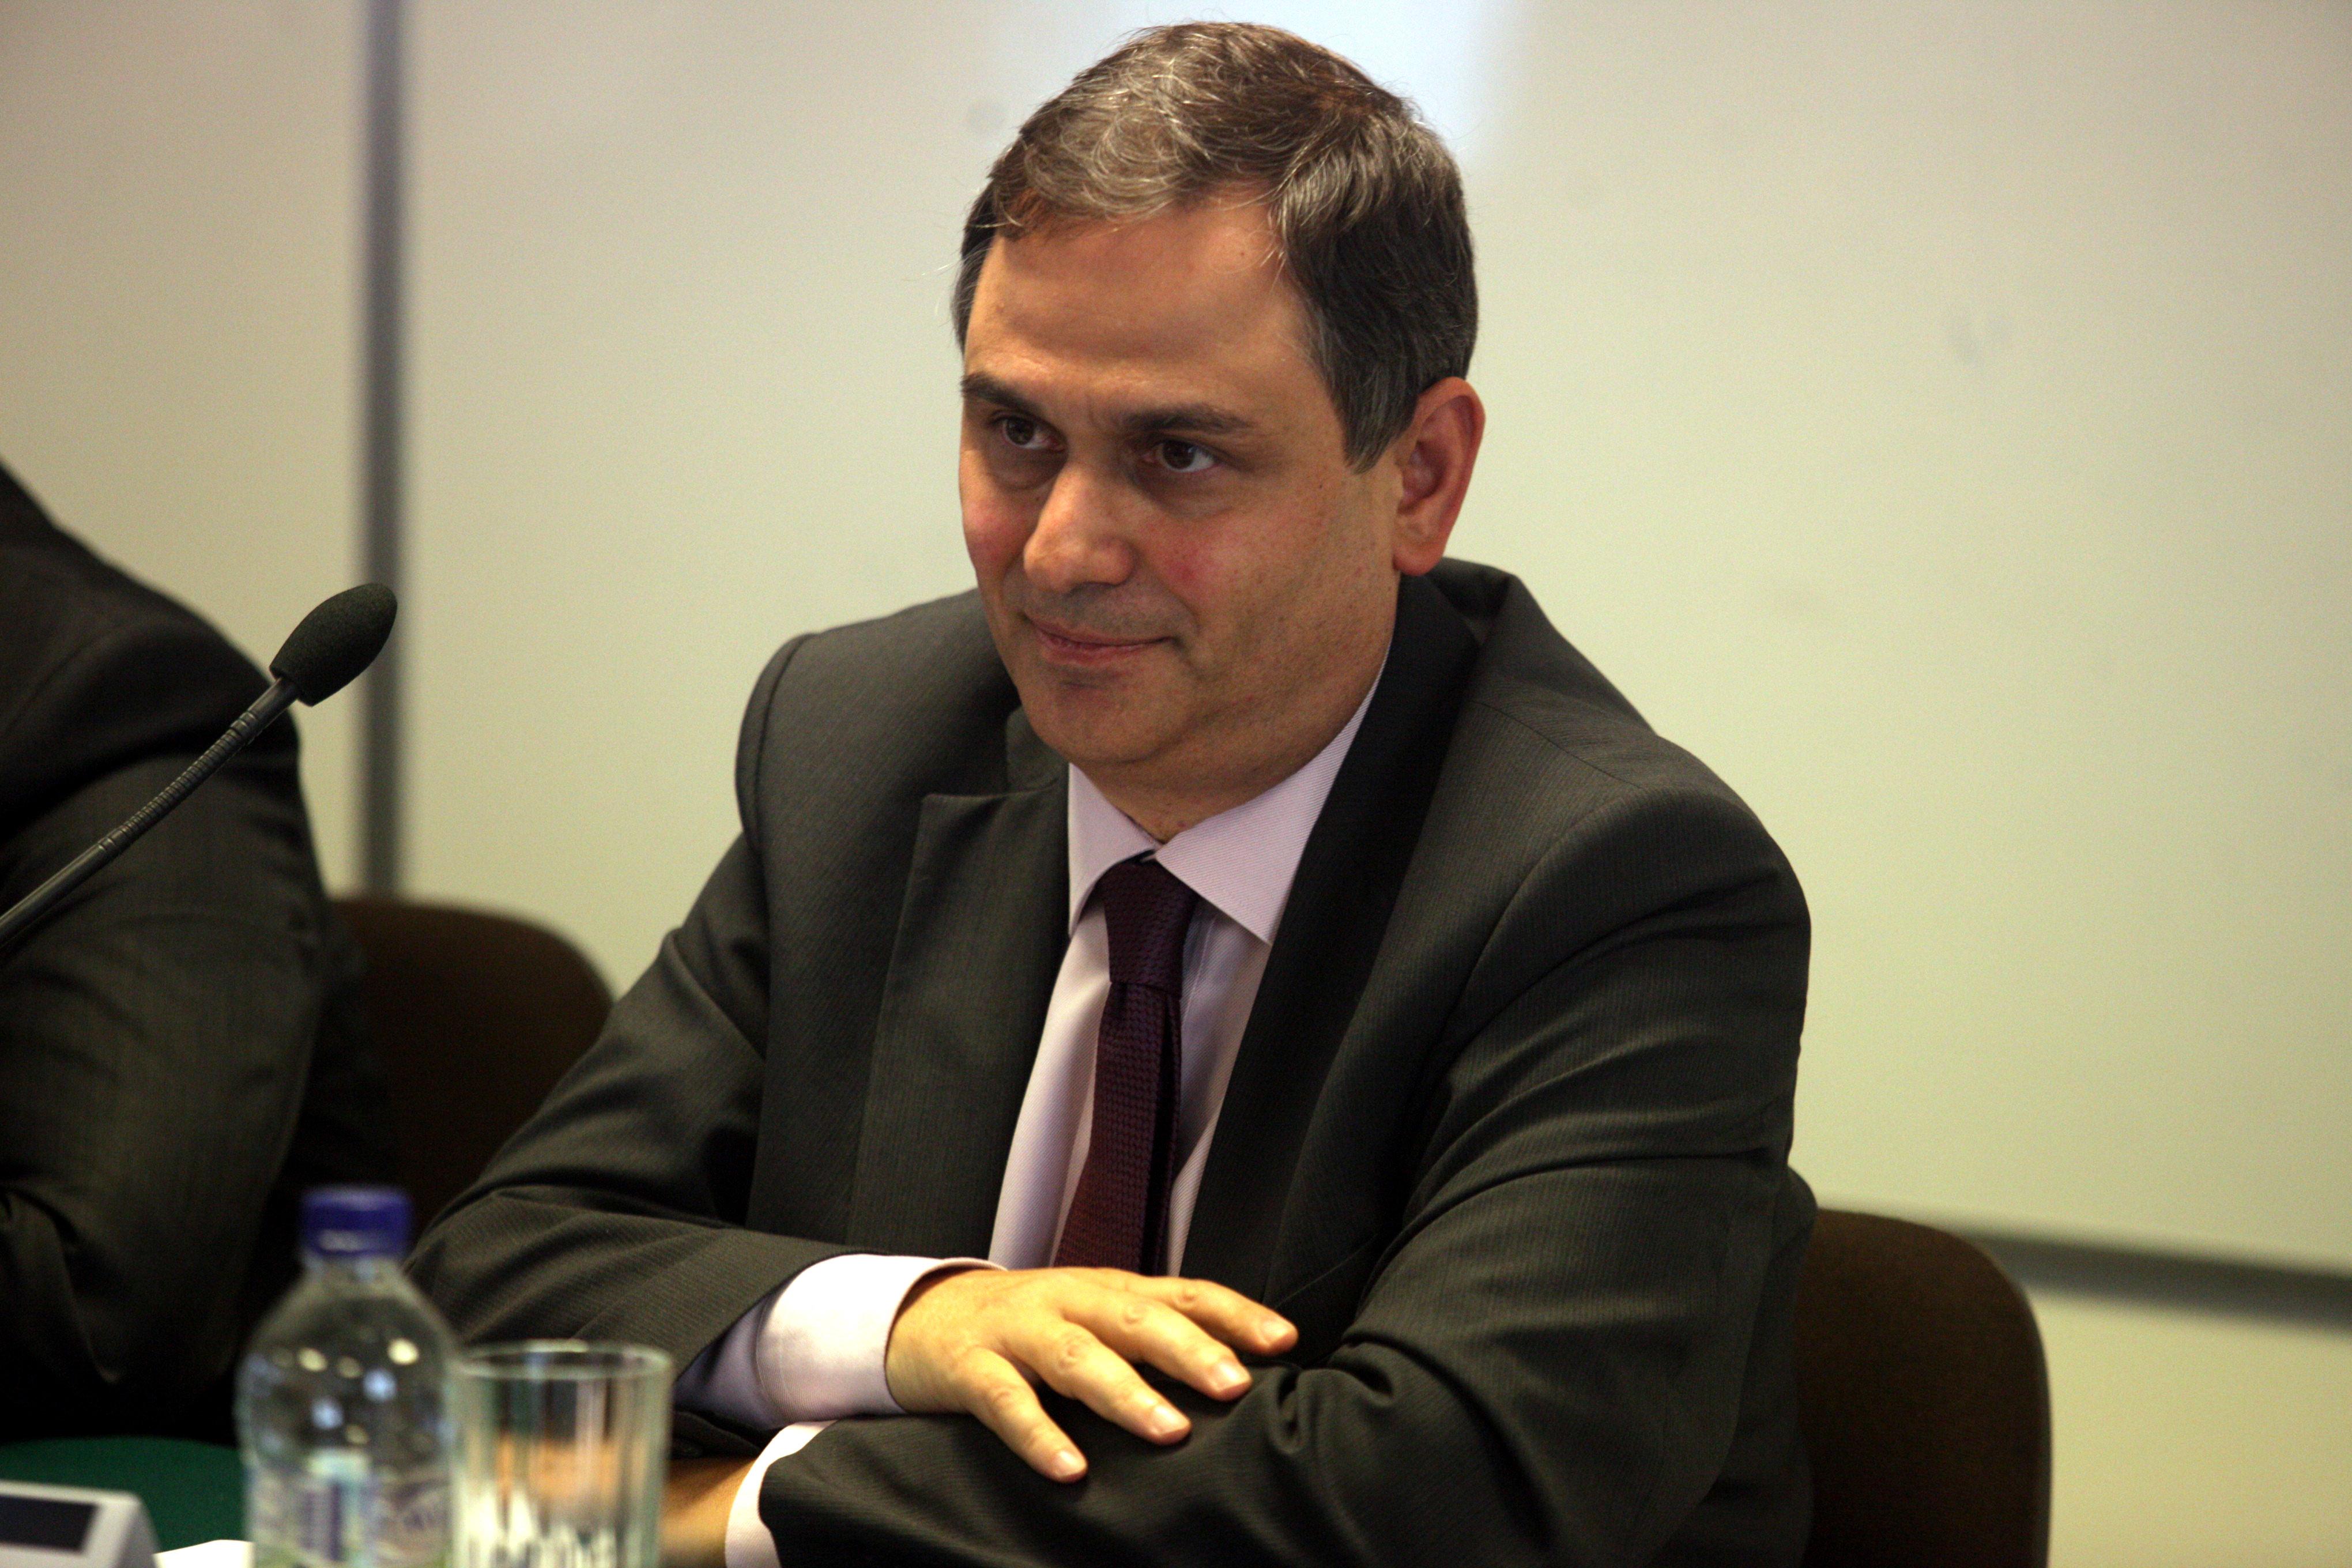 Σαχινίδης: Υπέρ της πρότασης Παπανδρέου για συνέδριο στο ΠαΣοΚ | tovima.gr